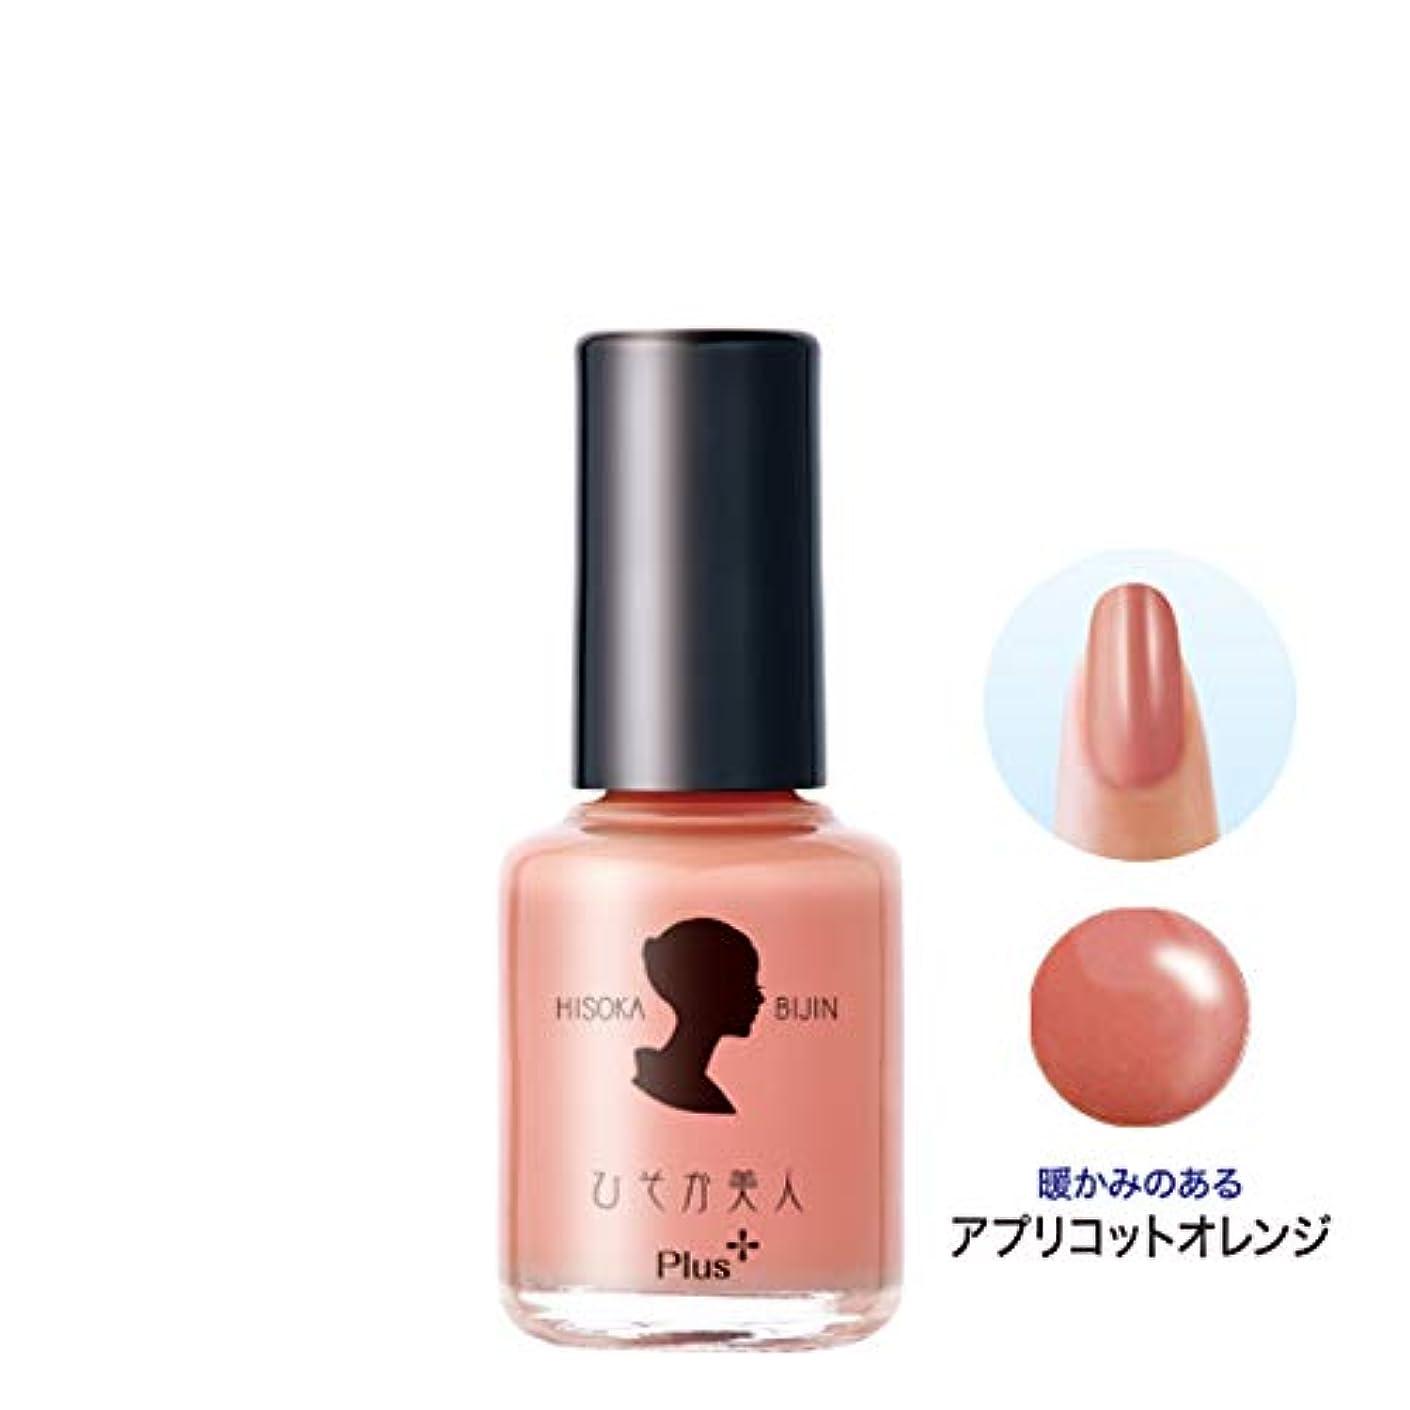 囚人丘ユーザーひそか美人 ドレスアップネイル プラス アプリコットオレンジ